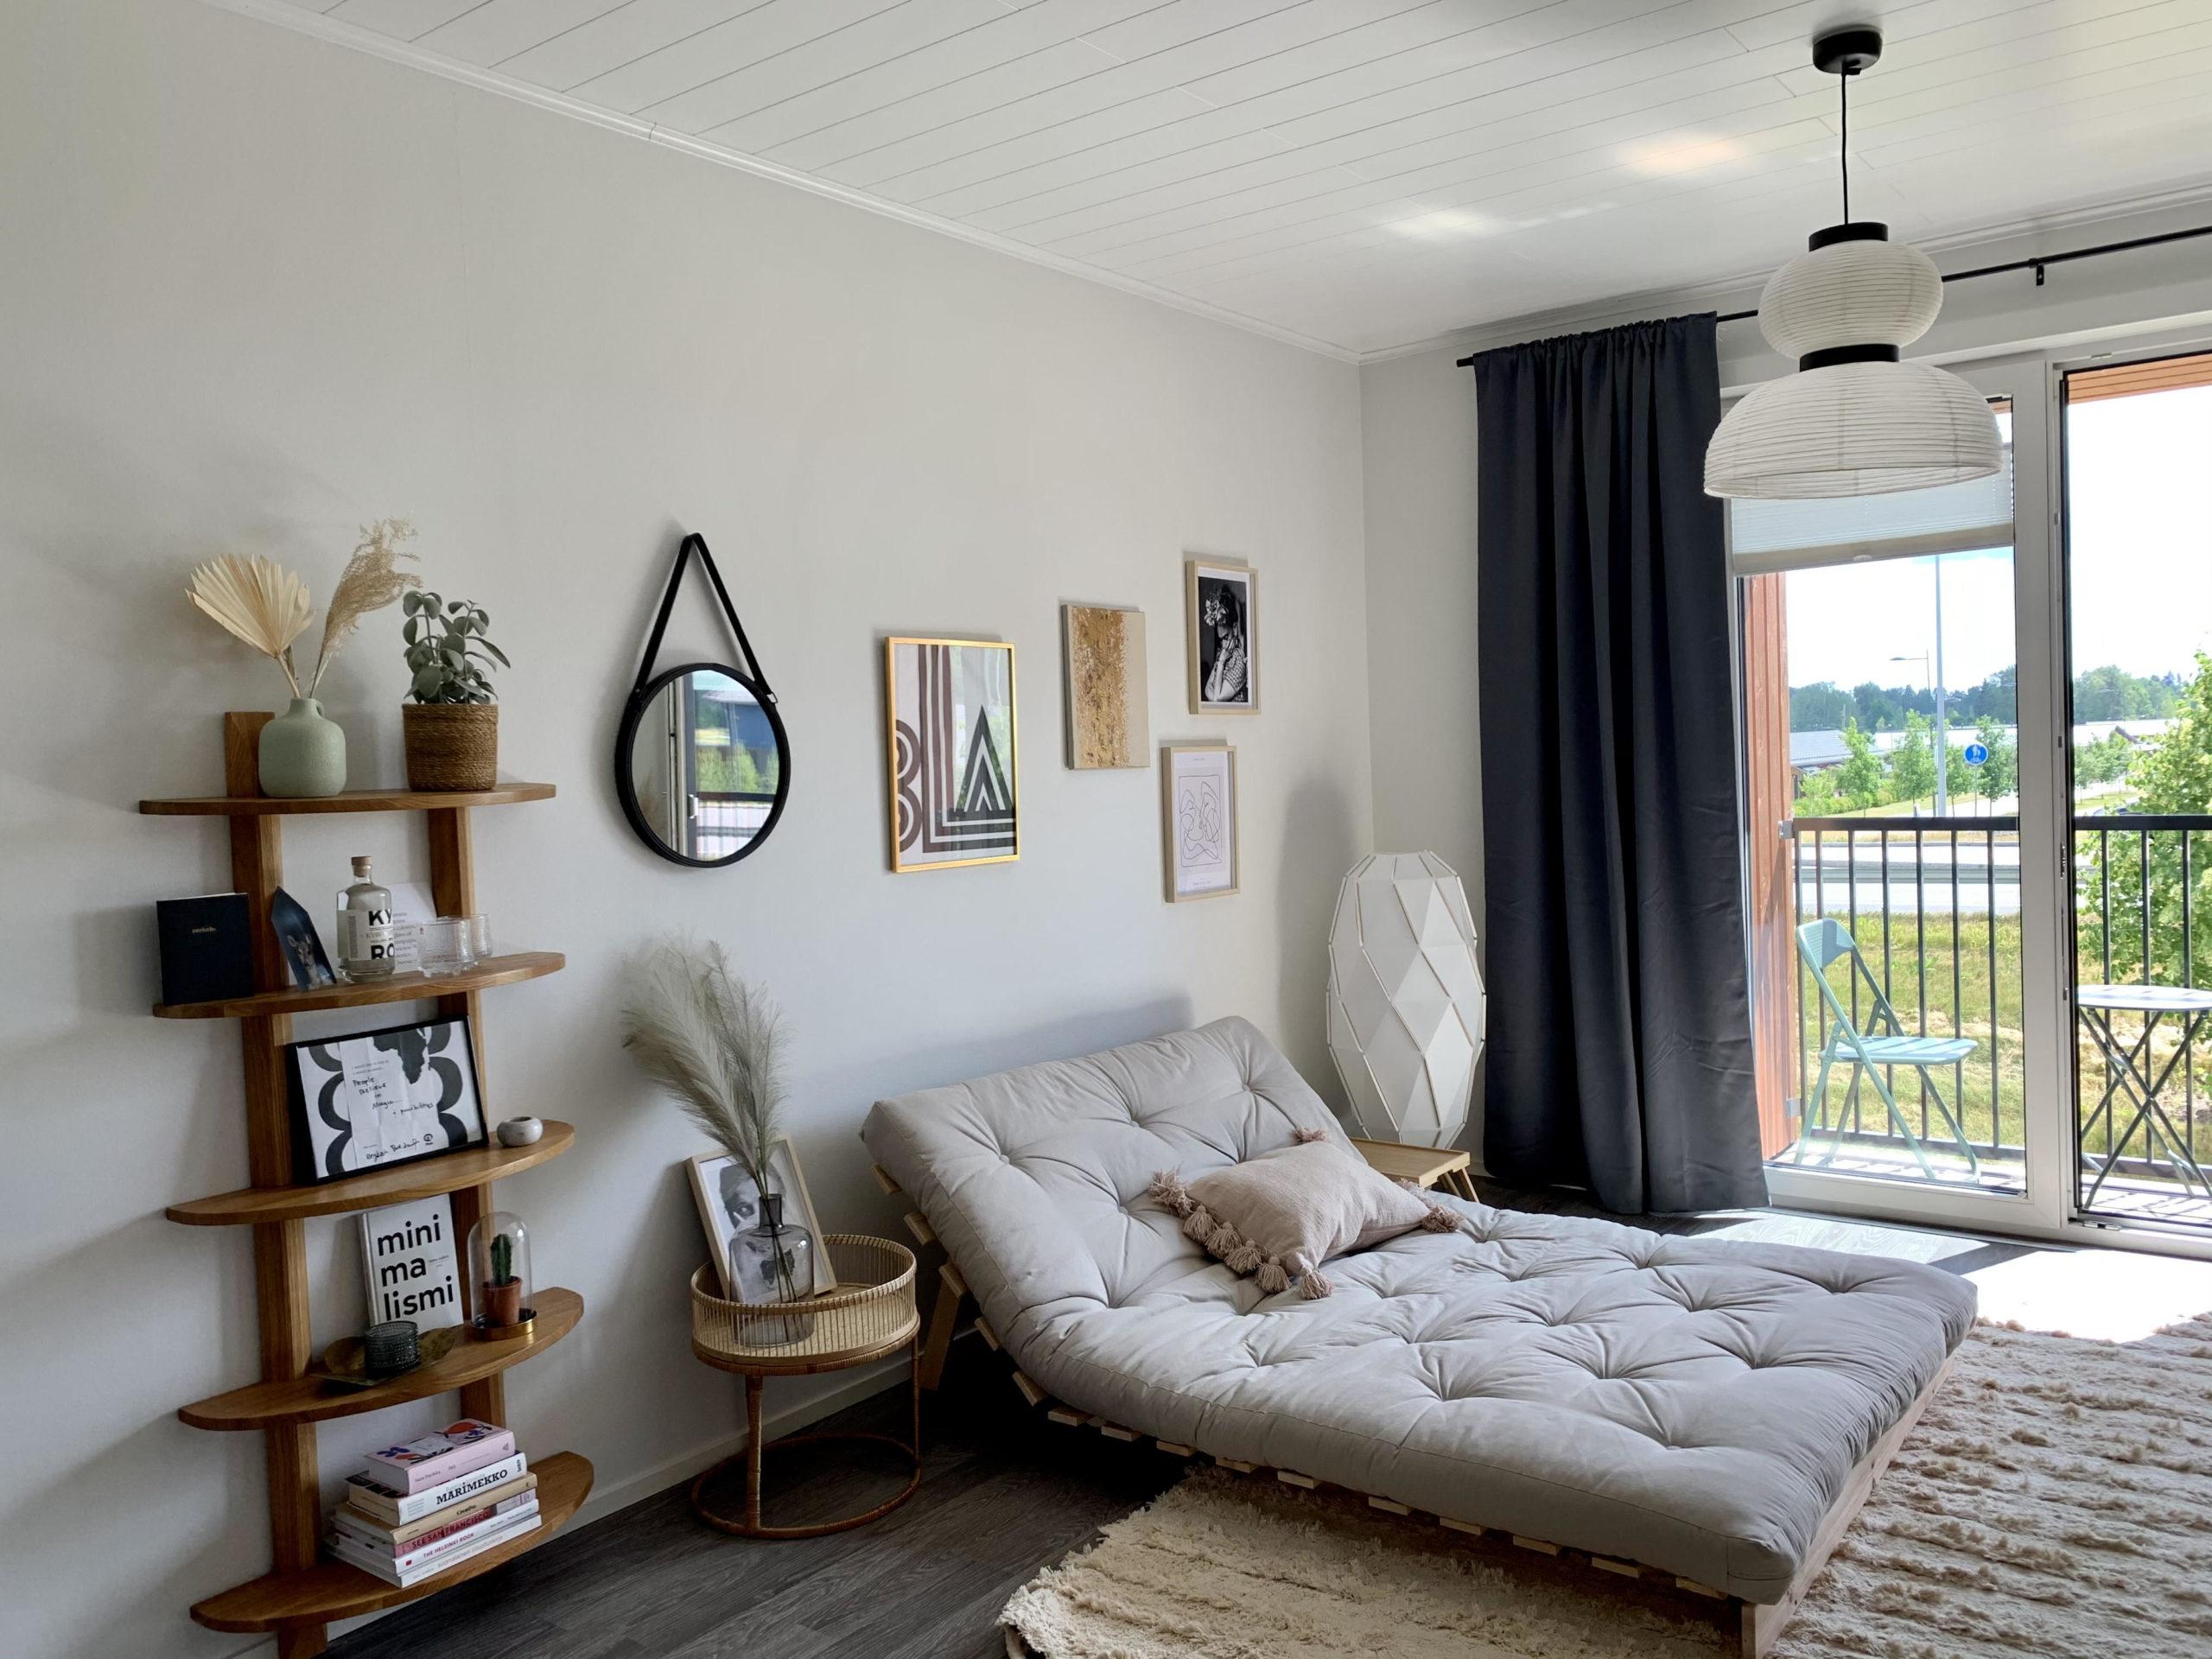 Airbnb-asunto Lepolassa on sisustettu tarkoin valikoiduilla second hand sekä design-tuotteilla. © Moona Laakso